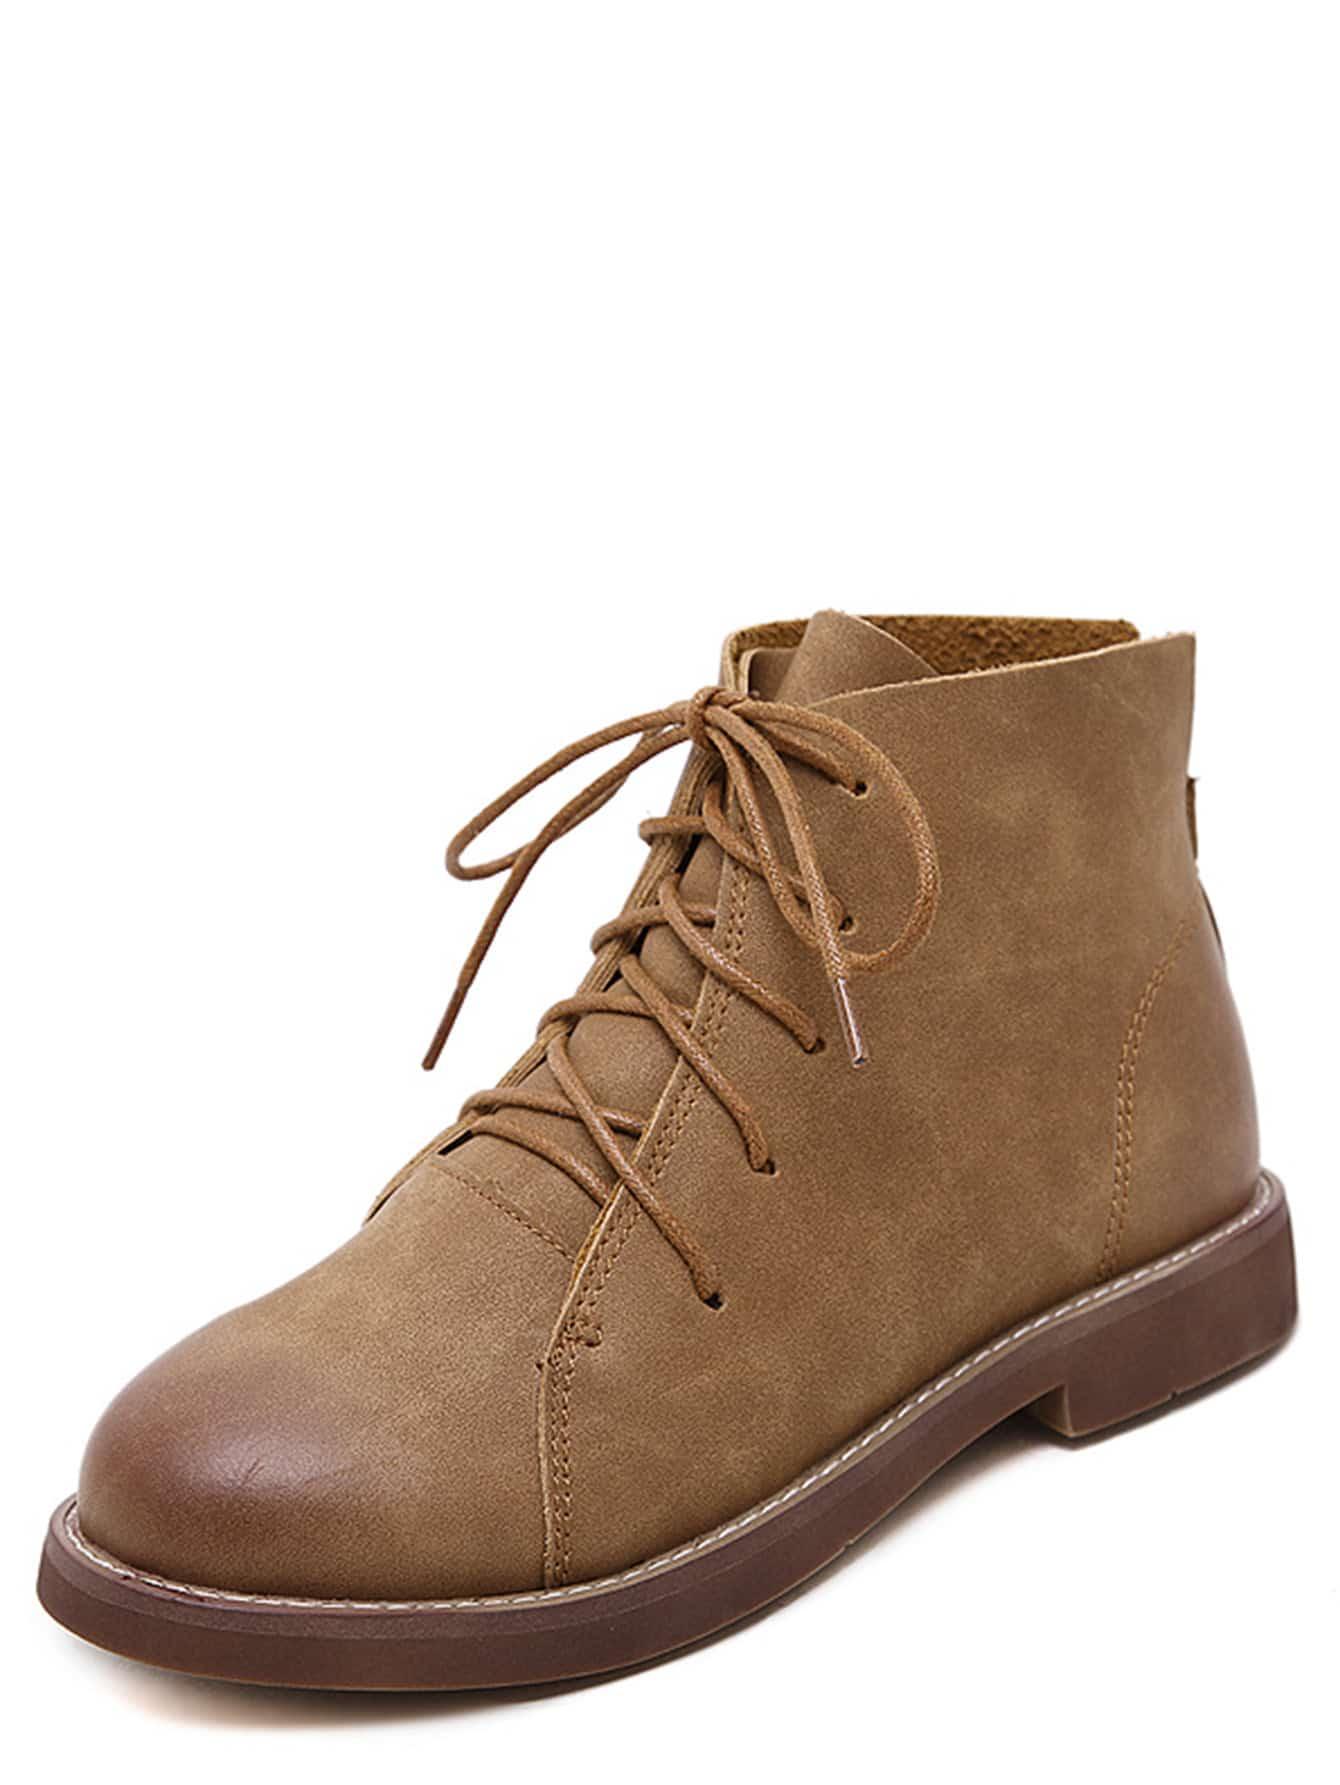 shoes160926810_2